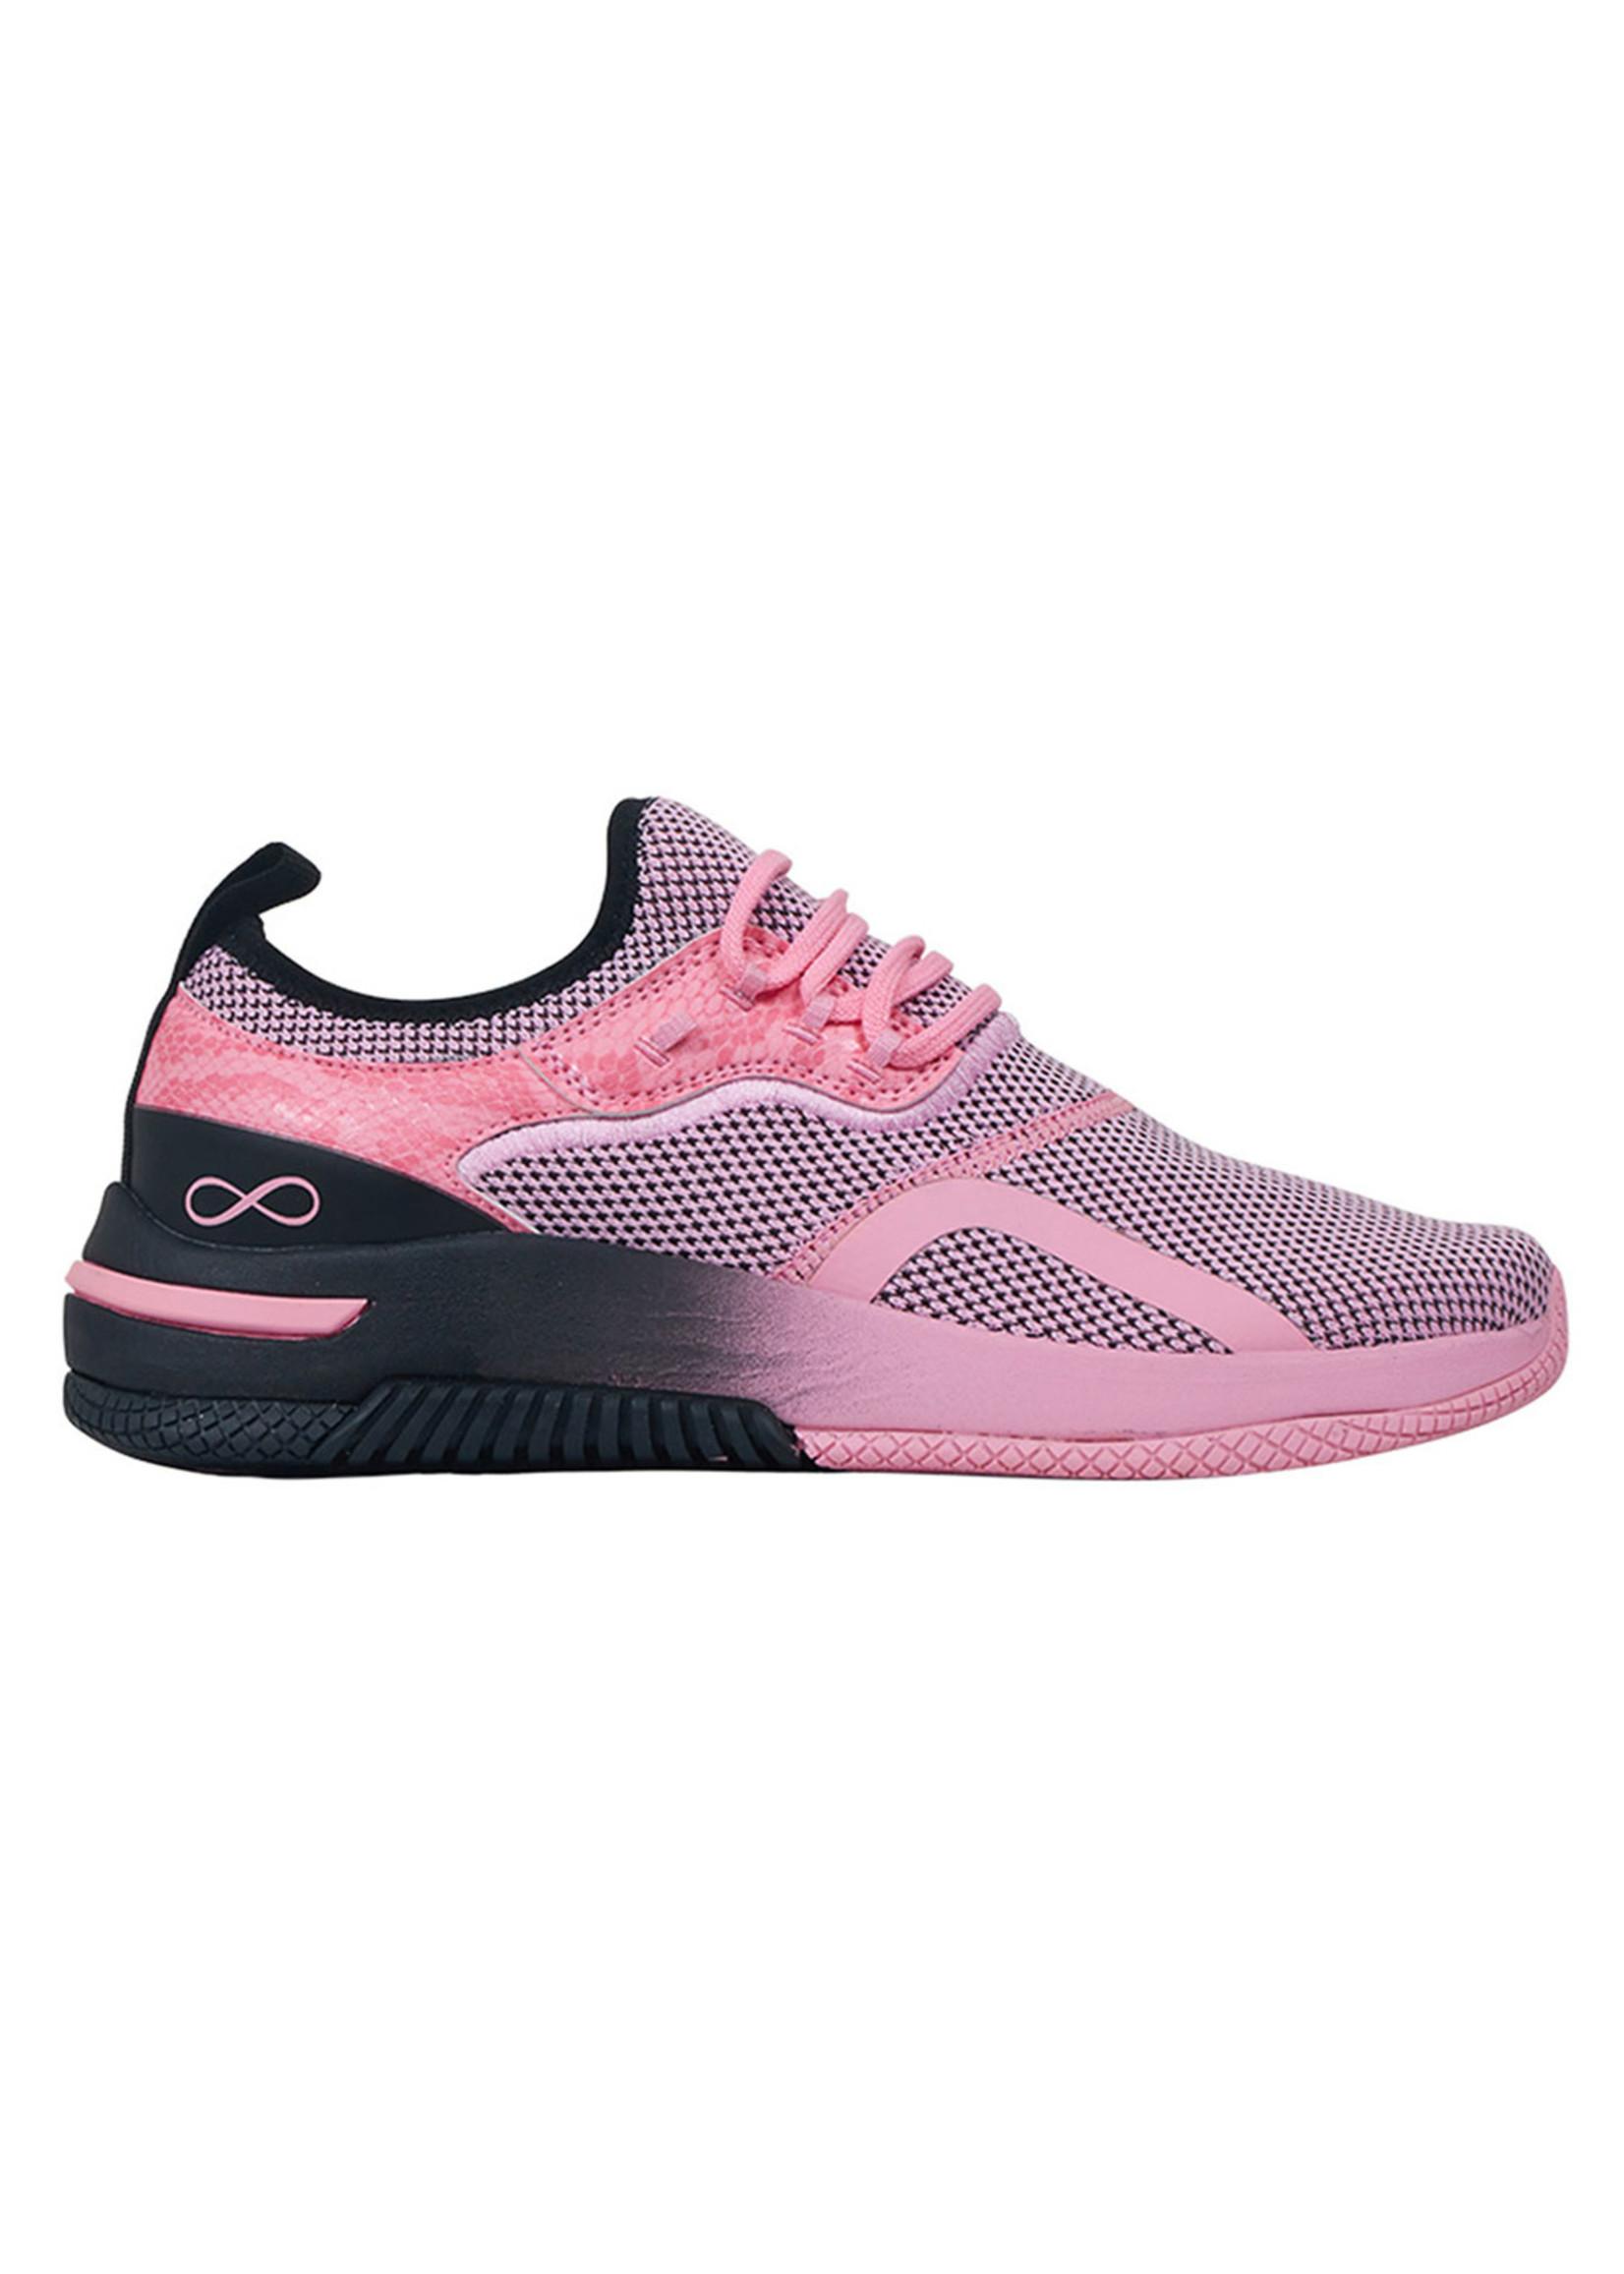 Infinity Footwear Dart - Dart Infinity Shoe